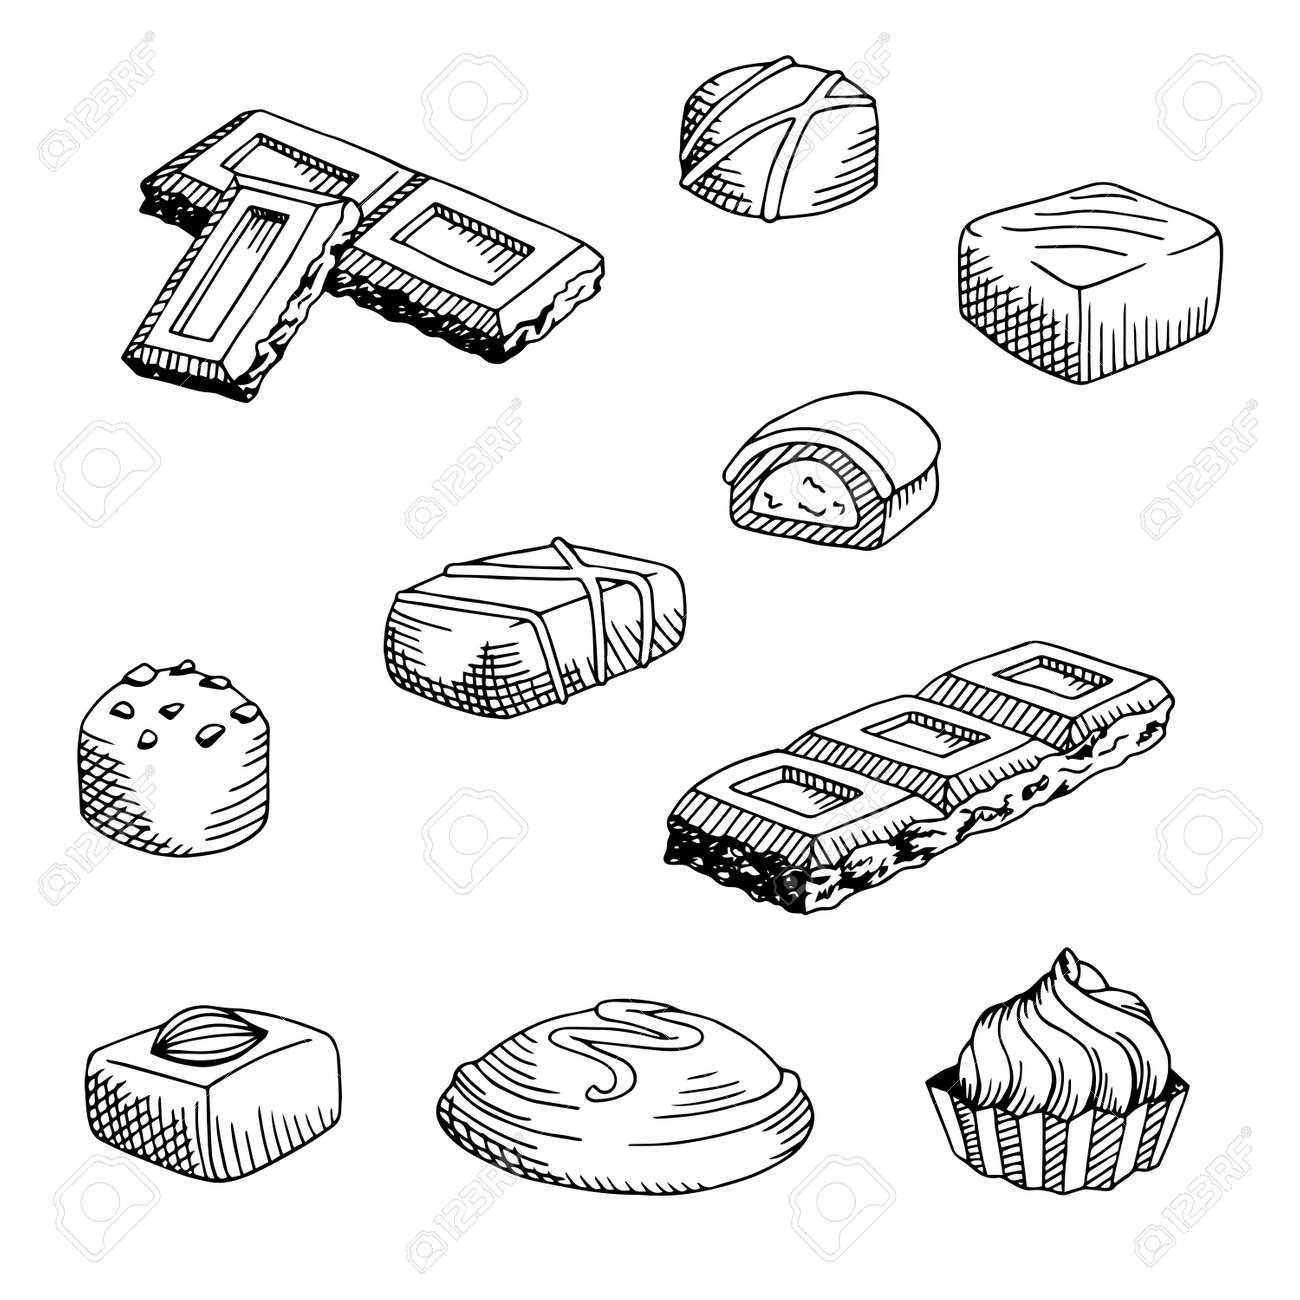 Illustration Graphique De Chocolat Blanc Noir Isolé Dessin Esquisse